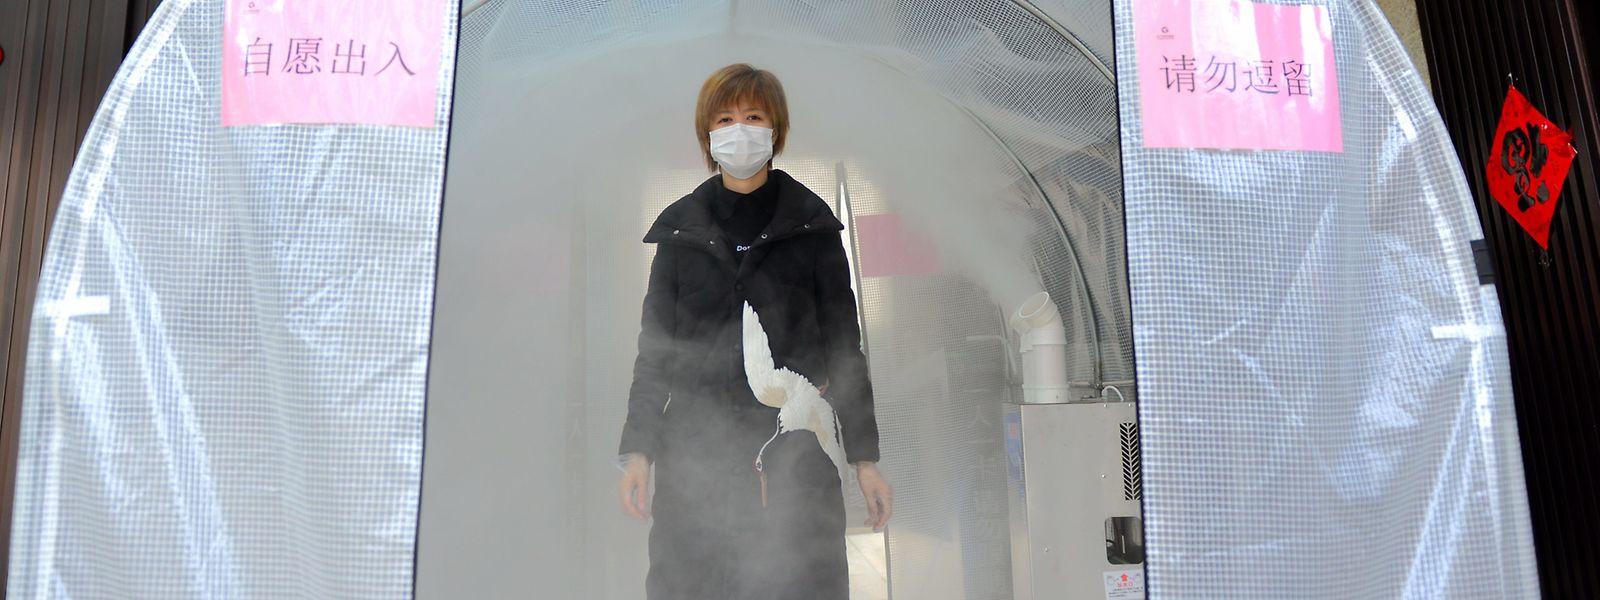 Une résidente de Luyang traverse un canal de désinfection. Le nouveau mode de calcul a fait exploser le nombre de cas de coronavirus en Chine.